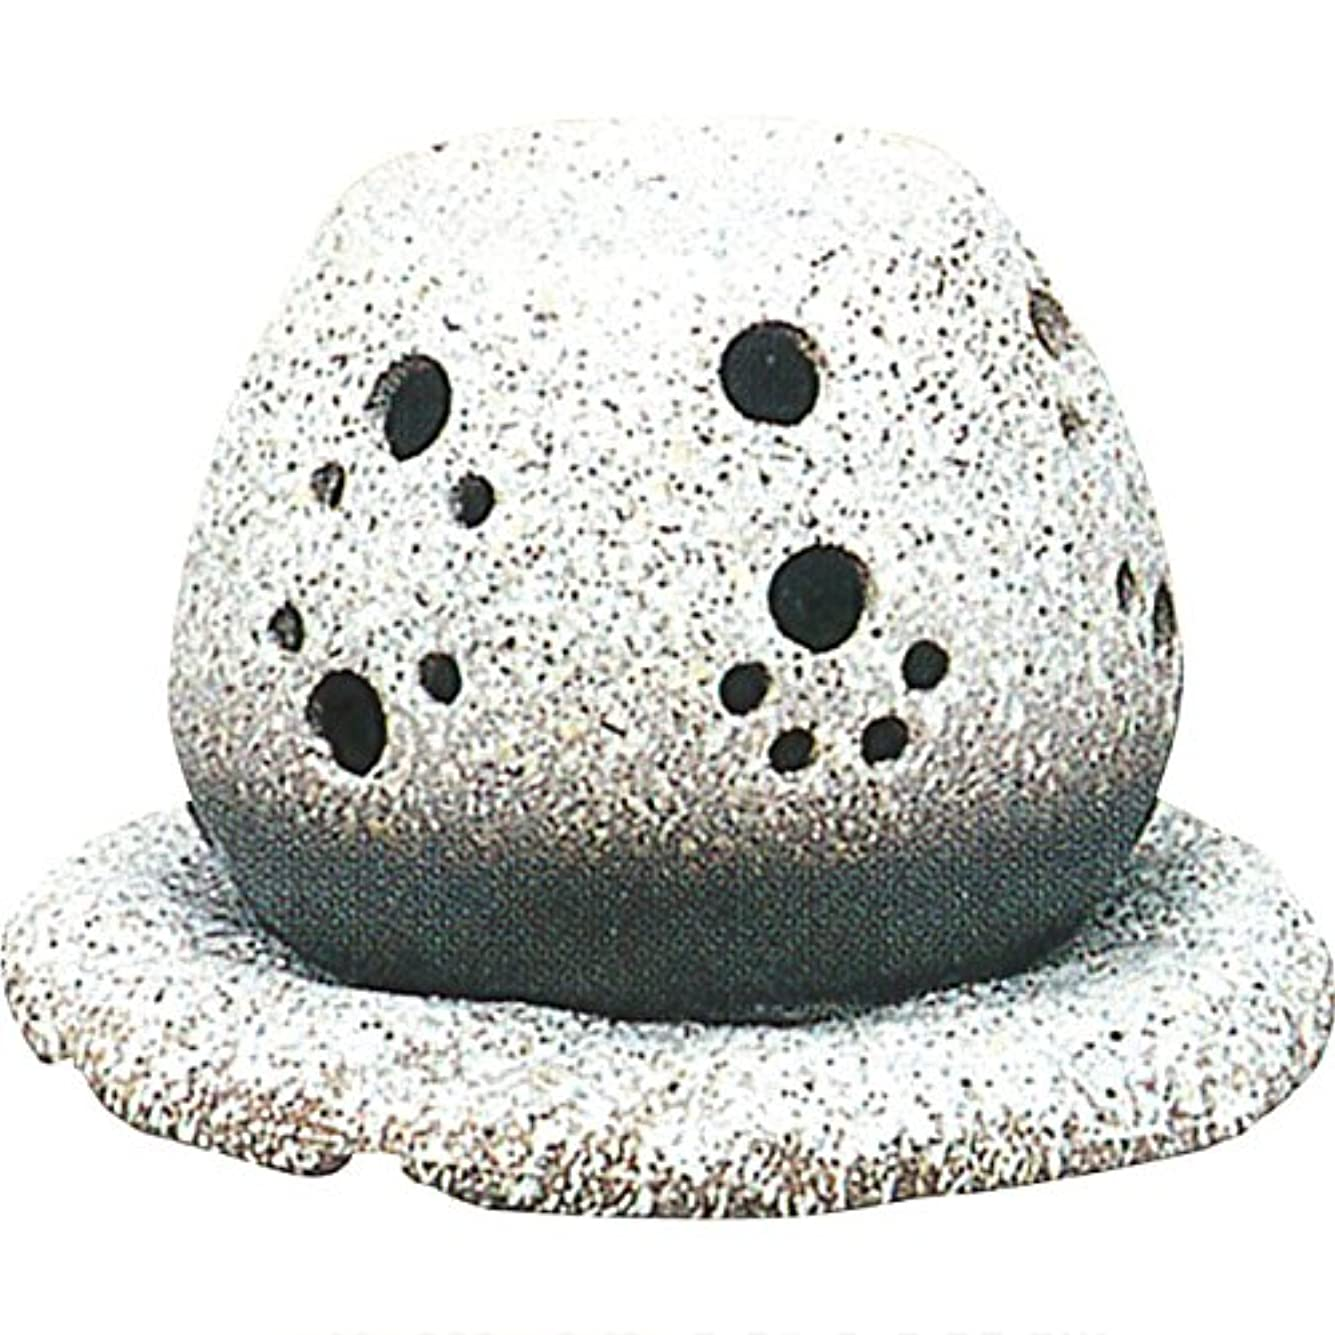 決定するしがみつく不可能な茶香炉 : 常滑焼 山房窯 ロウソクタイプ茶香炉 (白皿付?ロウソク1ヶ付)?ル35-05